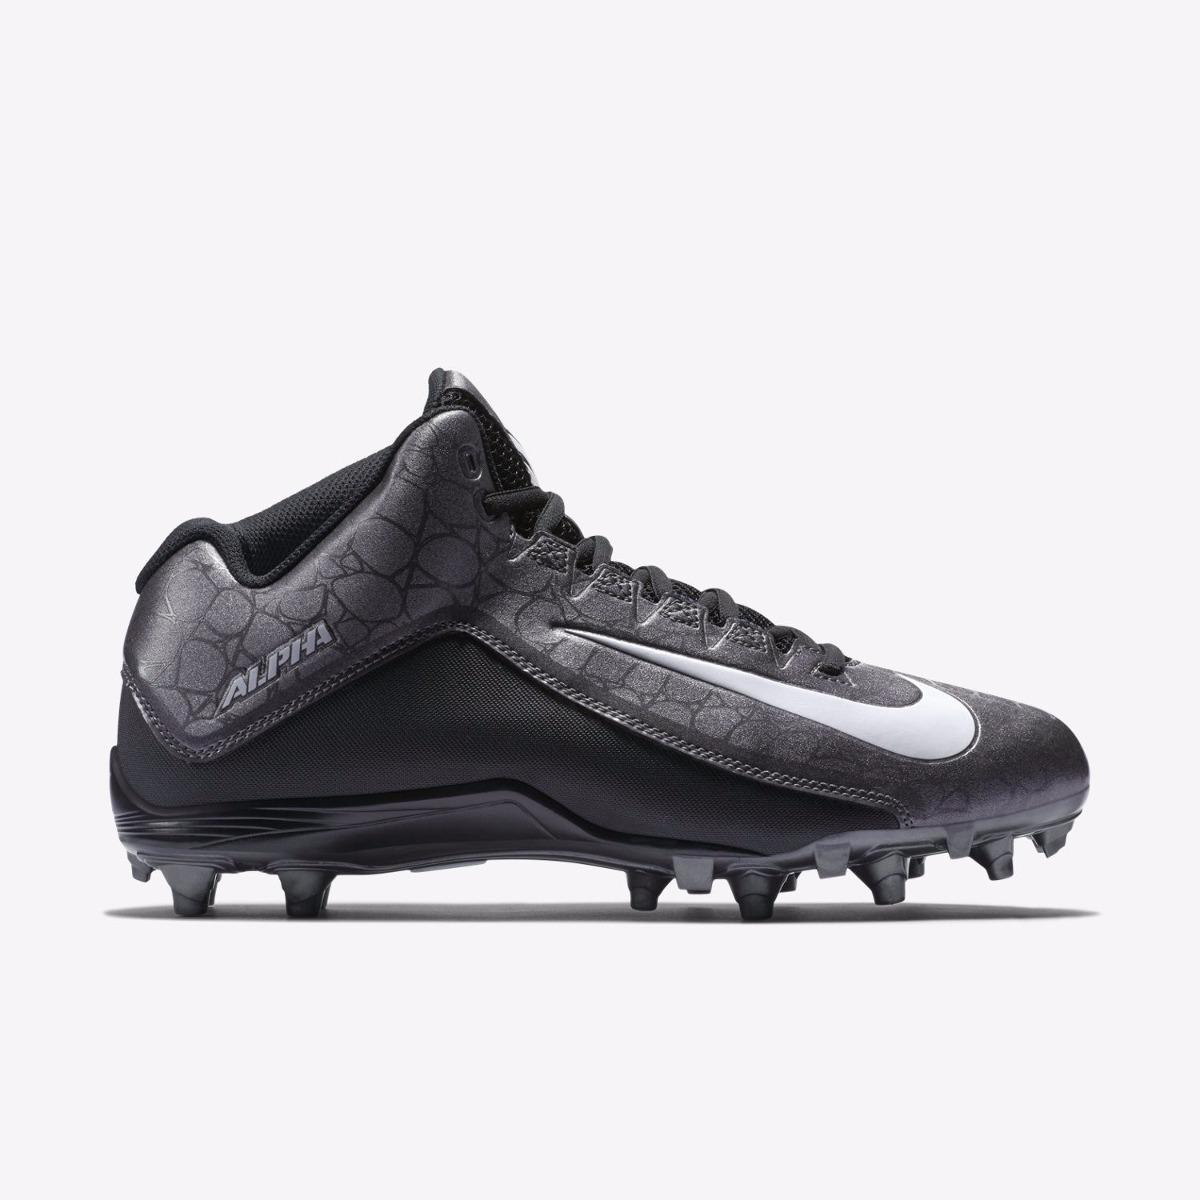 c45e29aaaed8b Nike Alpha Pro Td Tachones Fut Americano Negro gris Original ...